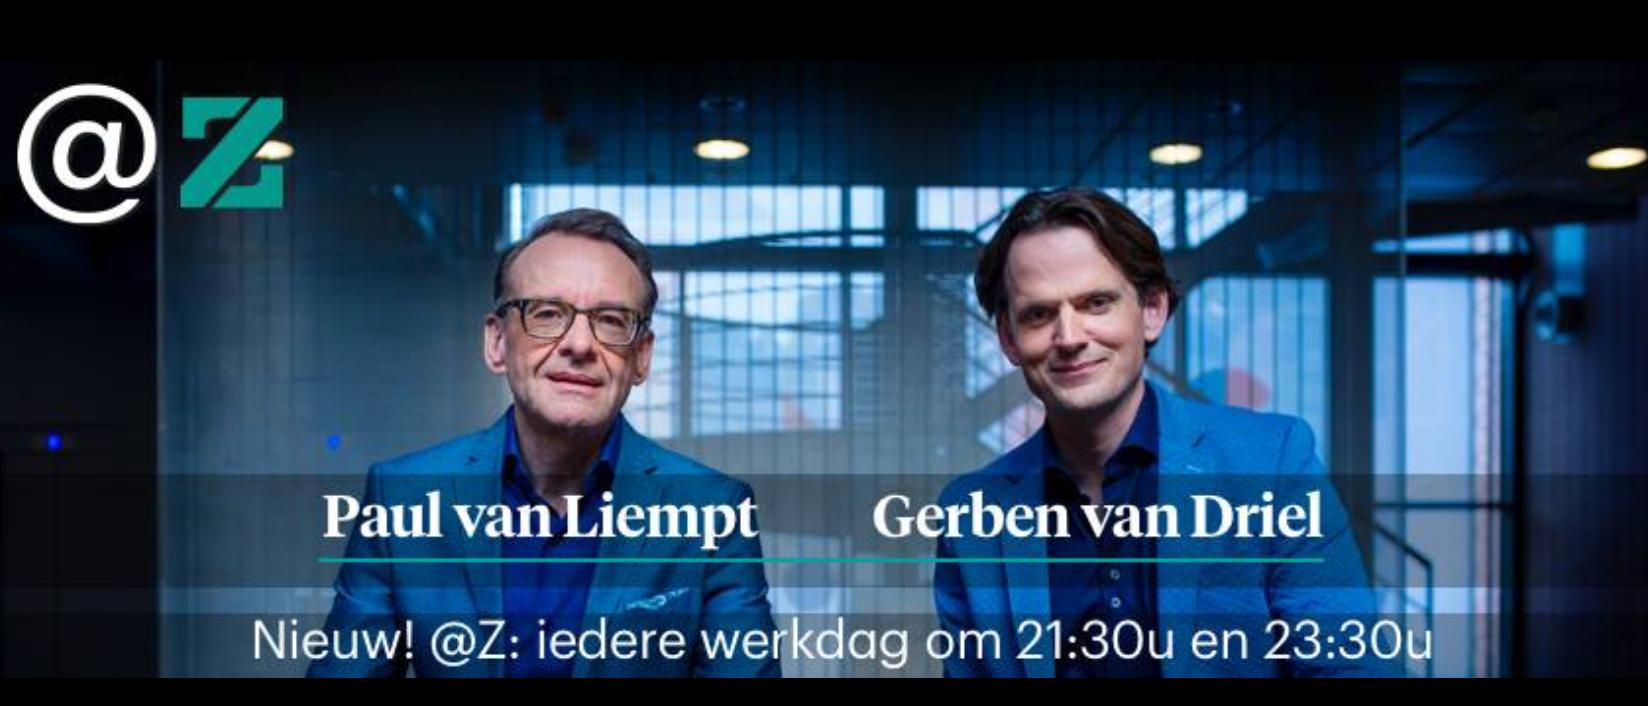 Aankondiging nieuw programma met BNR-presentator Paul van Liempt